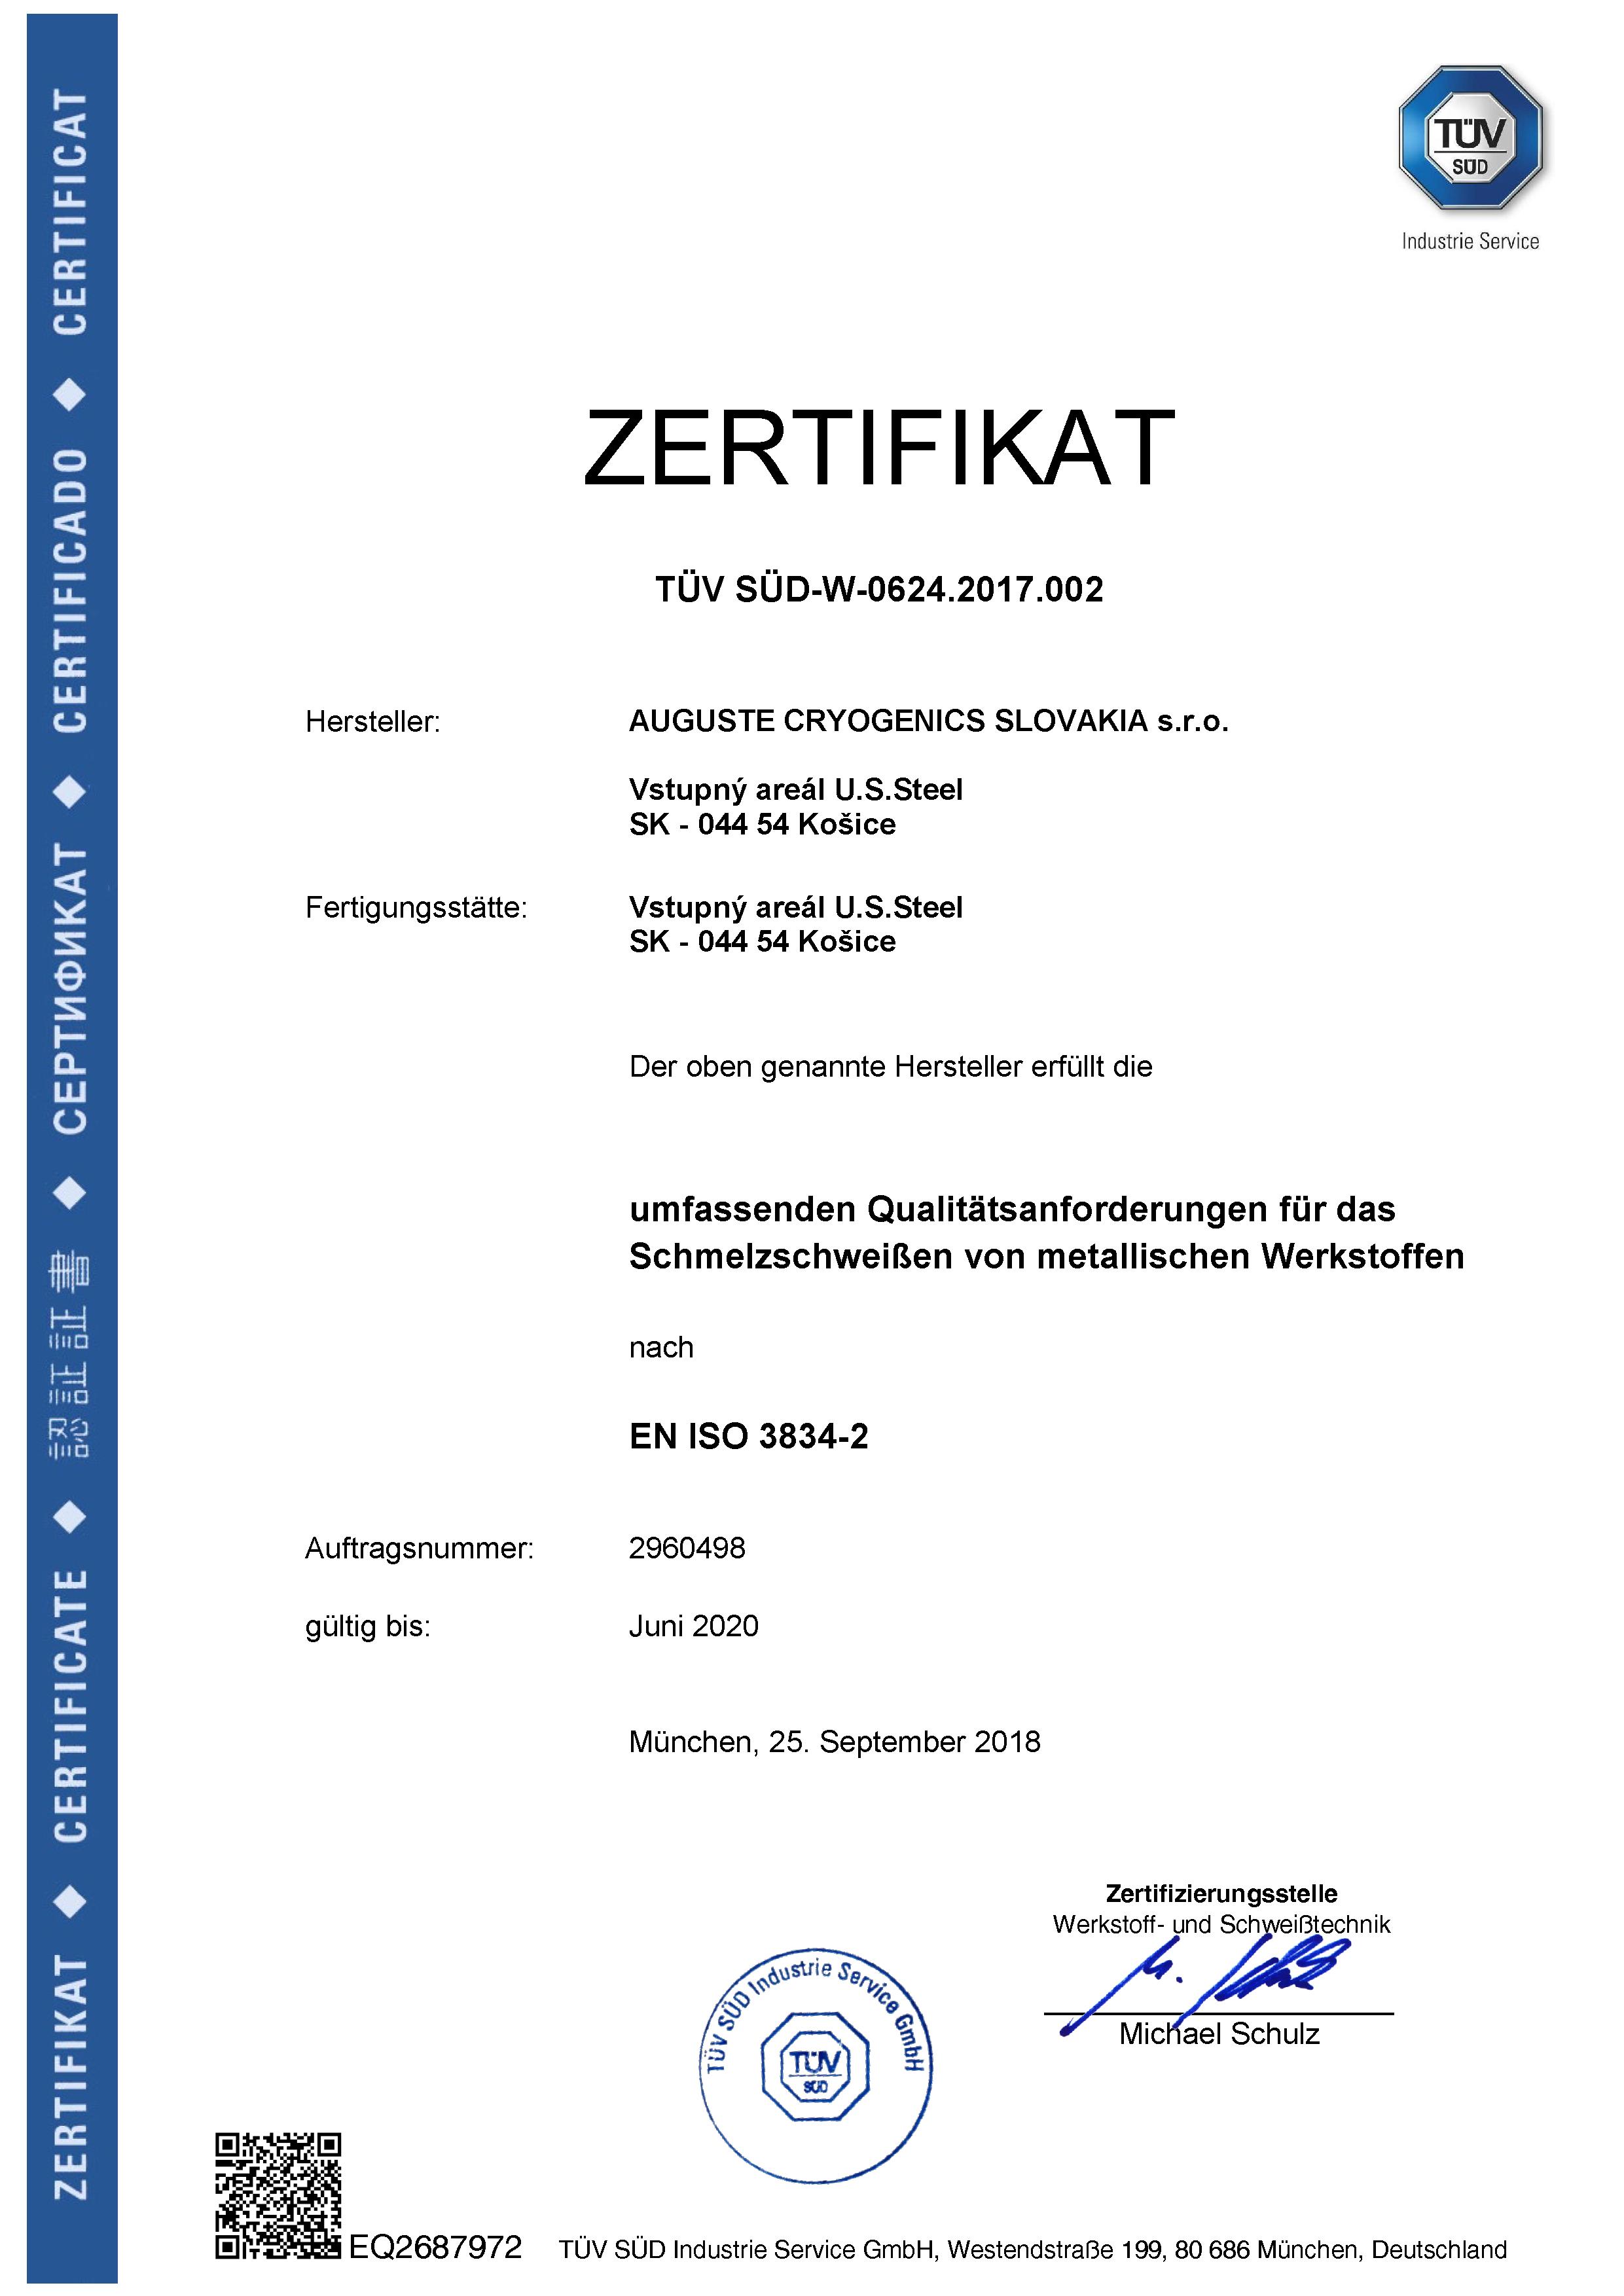 ACS cert-DE-EN_2014-68-EU_AD2000 HP0_EN 13458_EN13445_ISO 3834-2_Seite_1